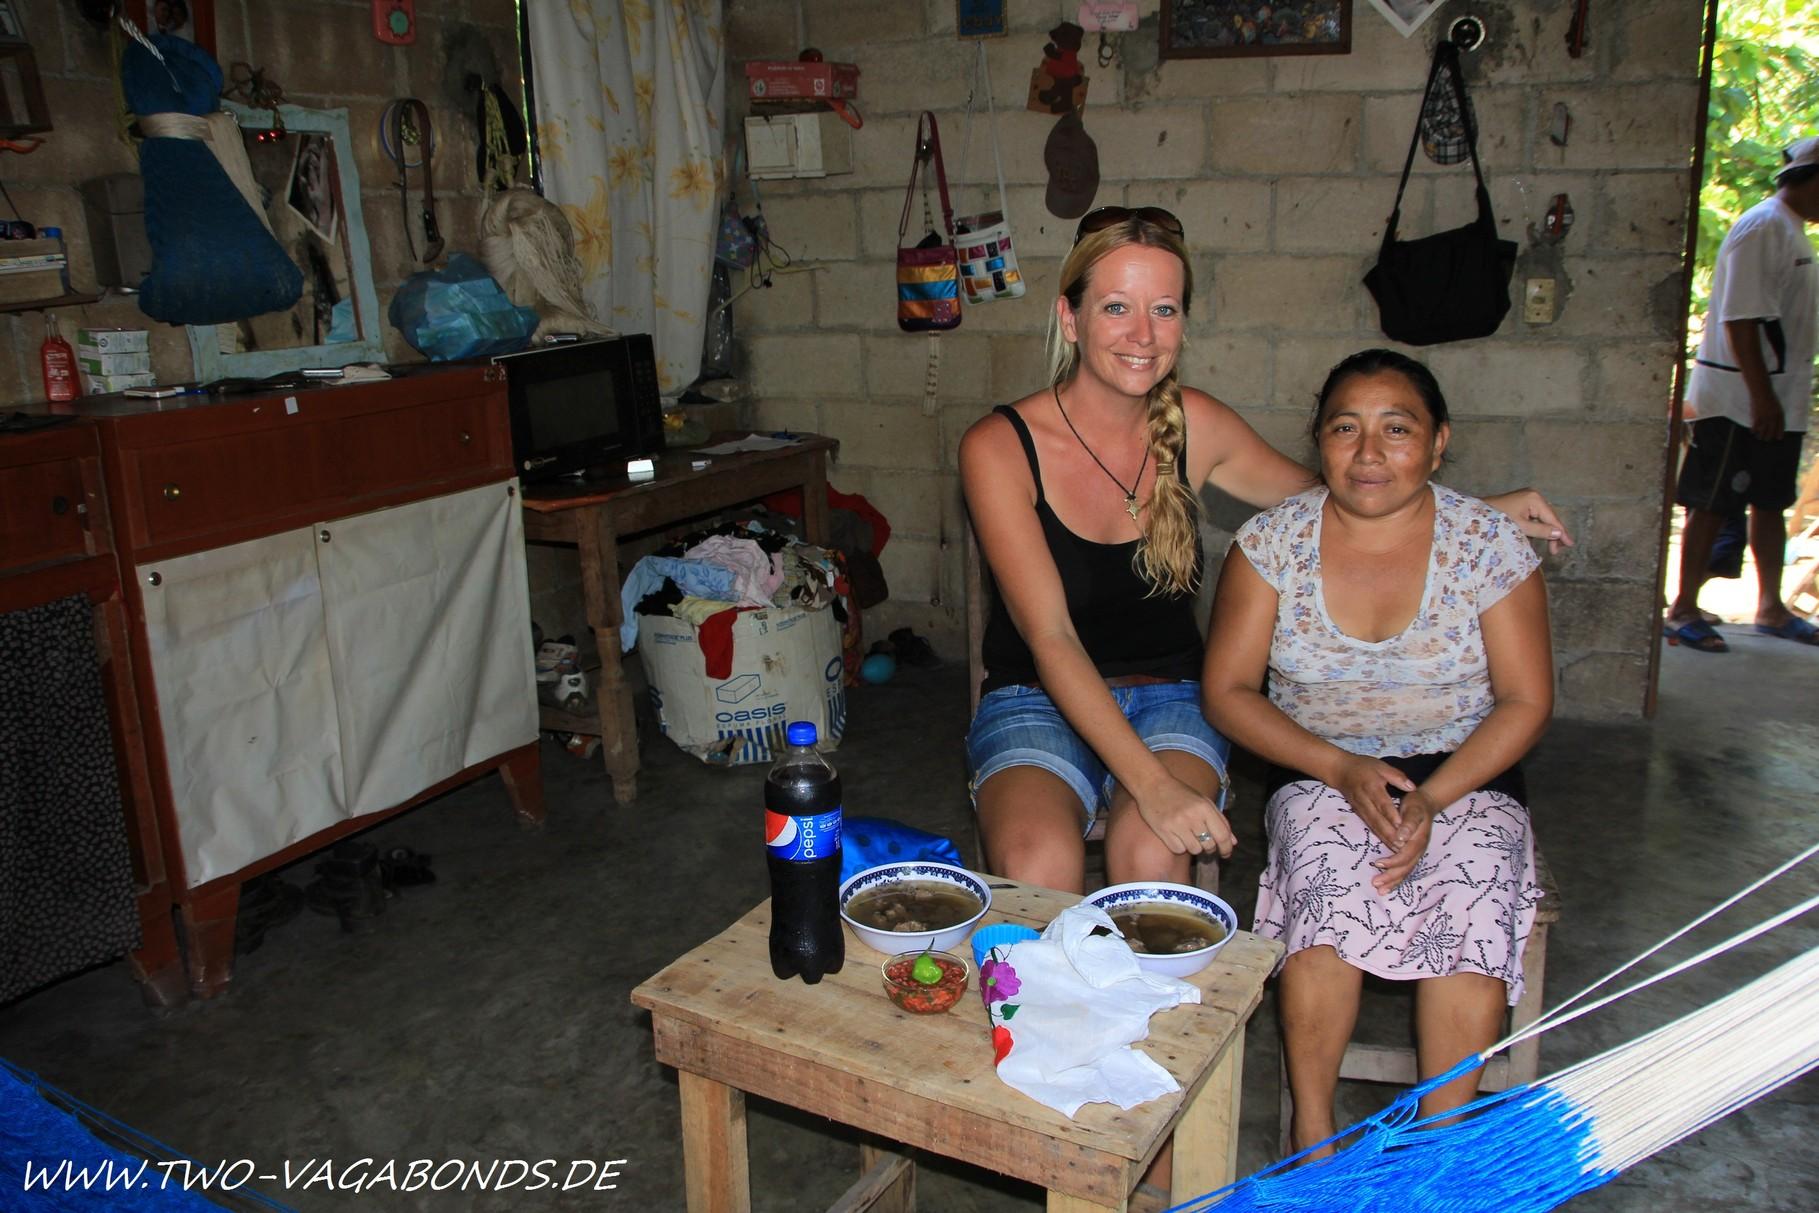 MEXICO 2012 - EINLADUNG BEI EINER MAYA-FAMILIE